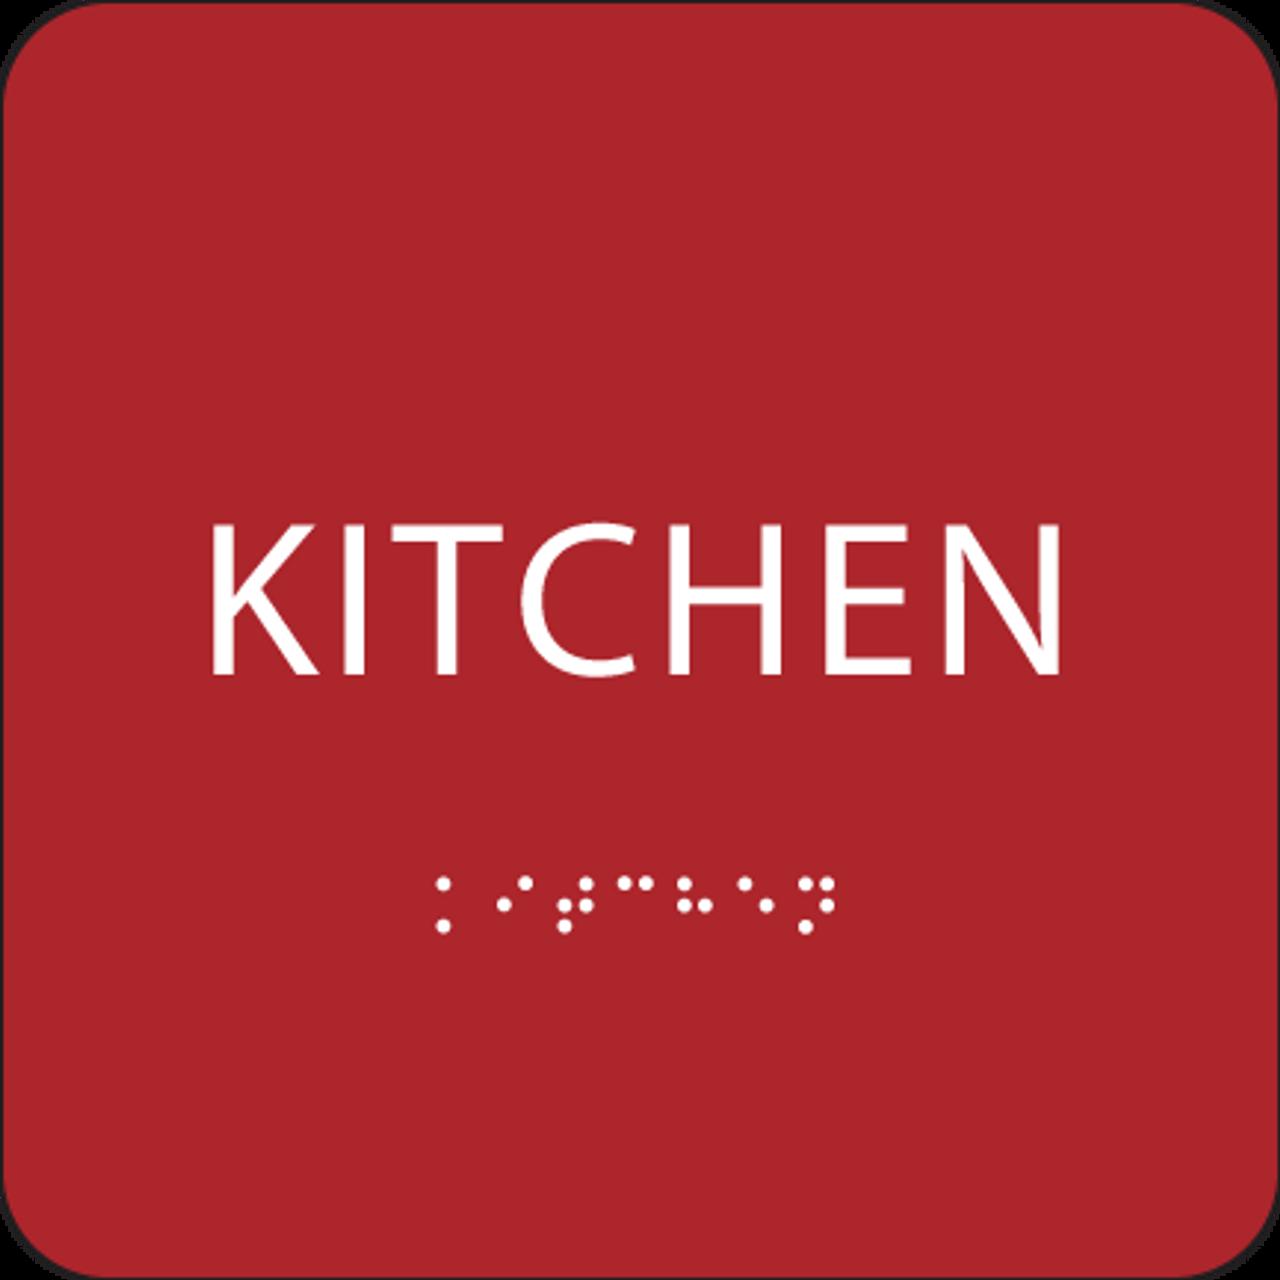 Red ADA Kitchen Sign